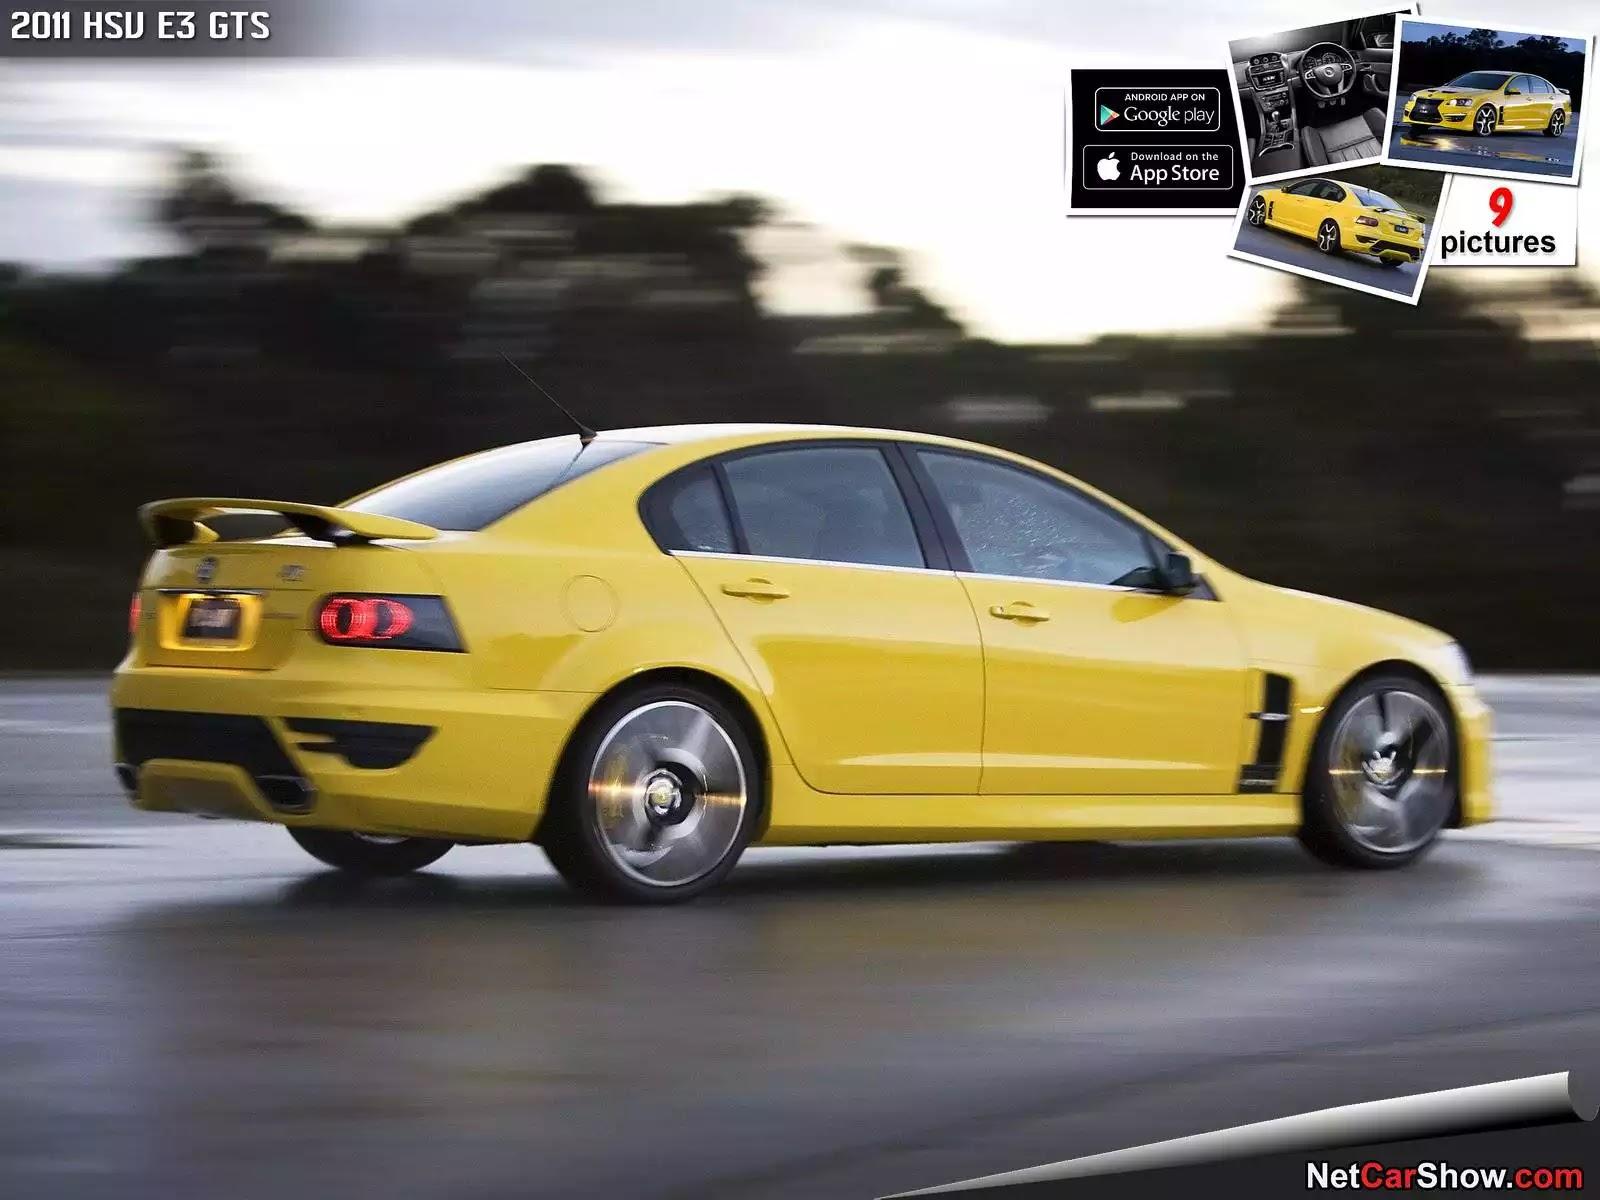 Hình ảnh xe ô tô HSV E3 GTS 2011 & nội ngoại thất